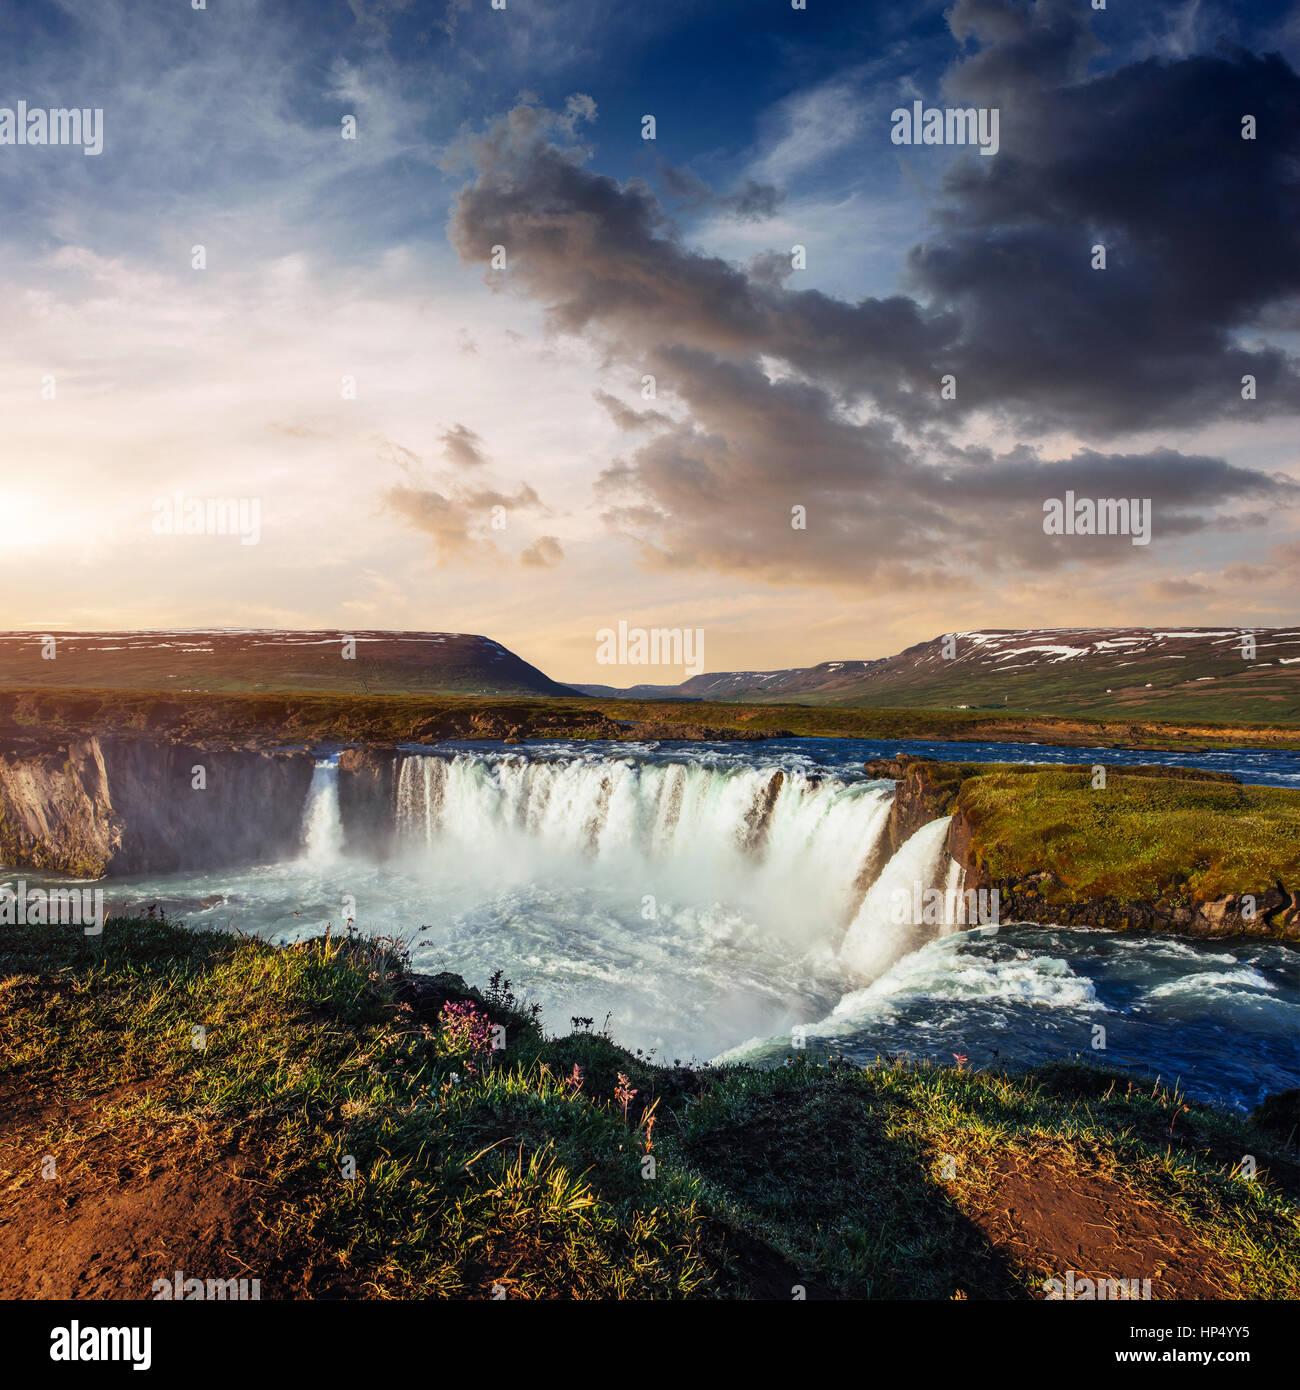 Cascada Godafoss al atardecer. Mundo de belleza. Islandia, Europa Imagen De Stock